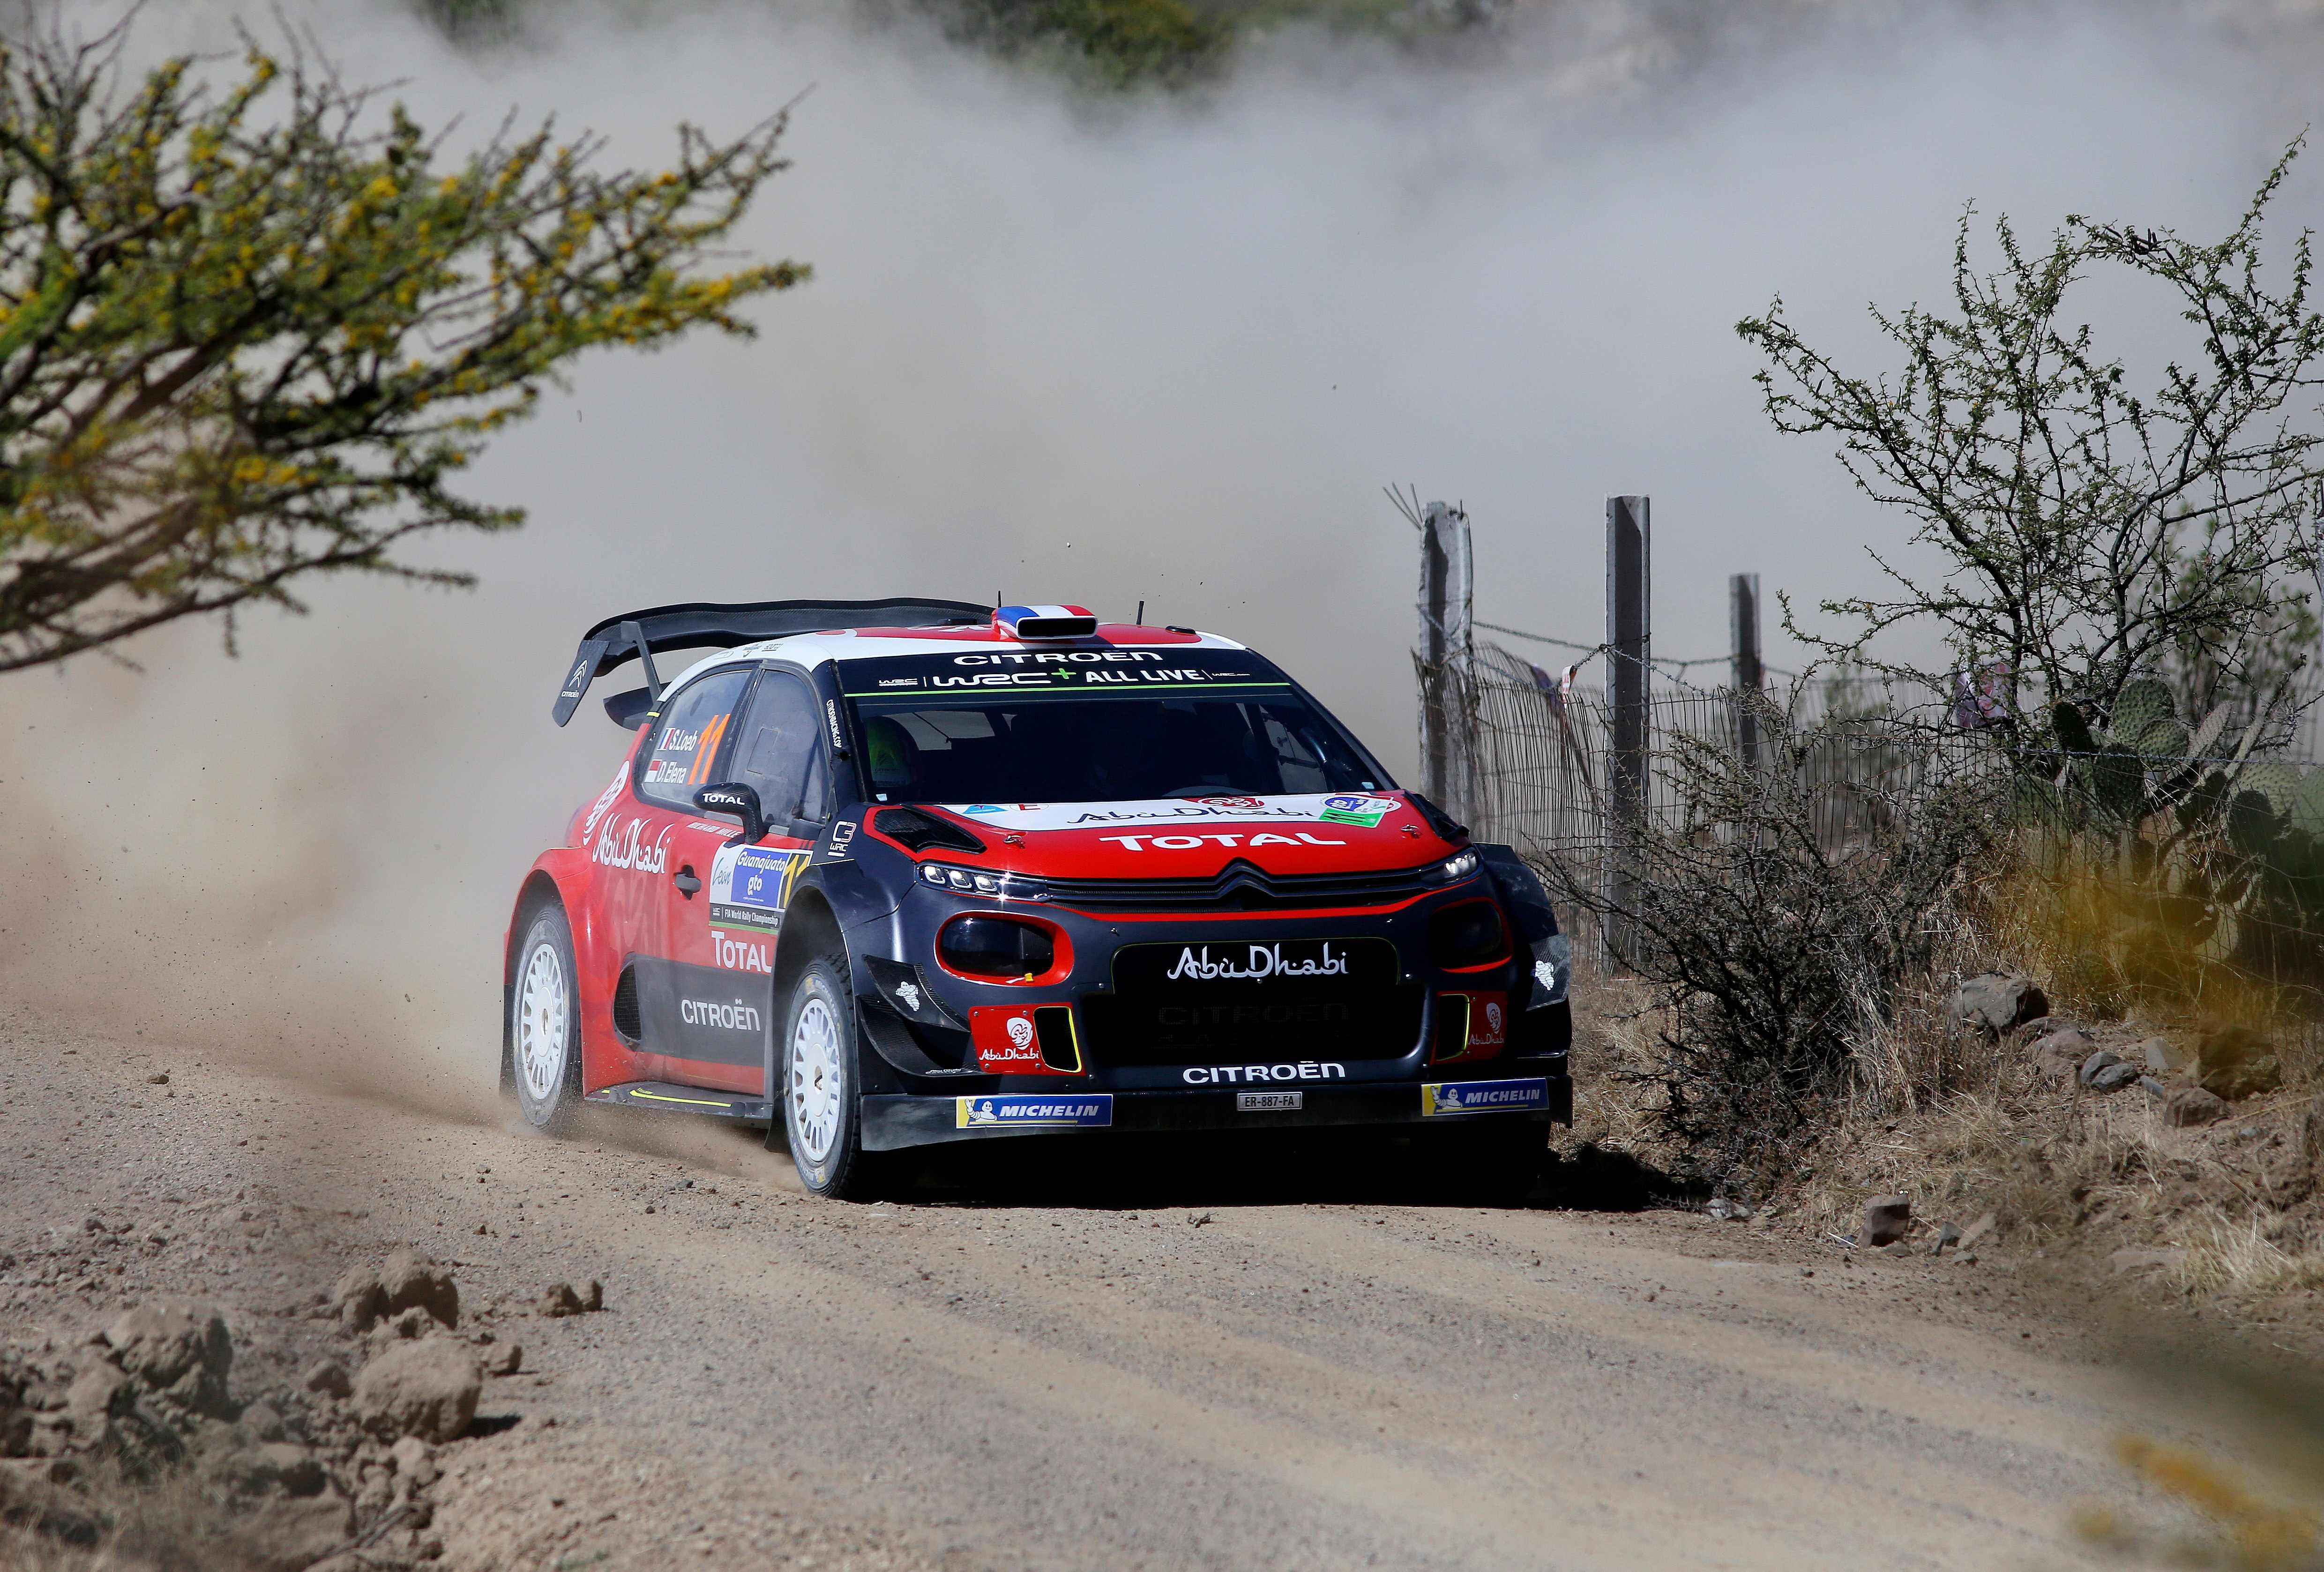 Rallye - Rallye du Mexique : Sébastien Loeb réussit son retour